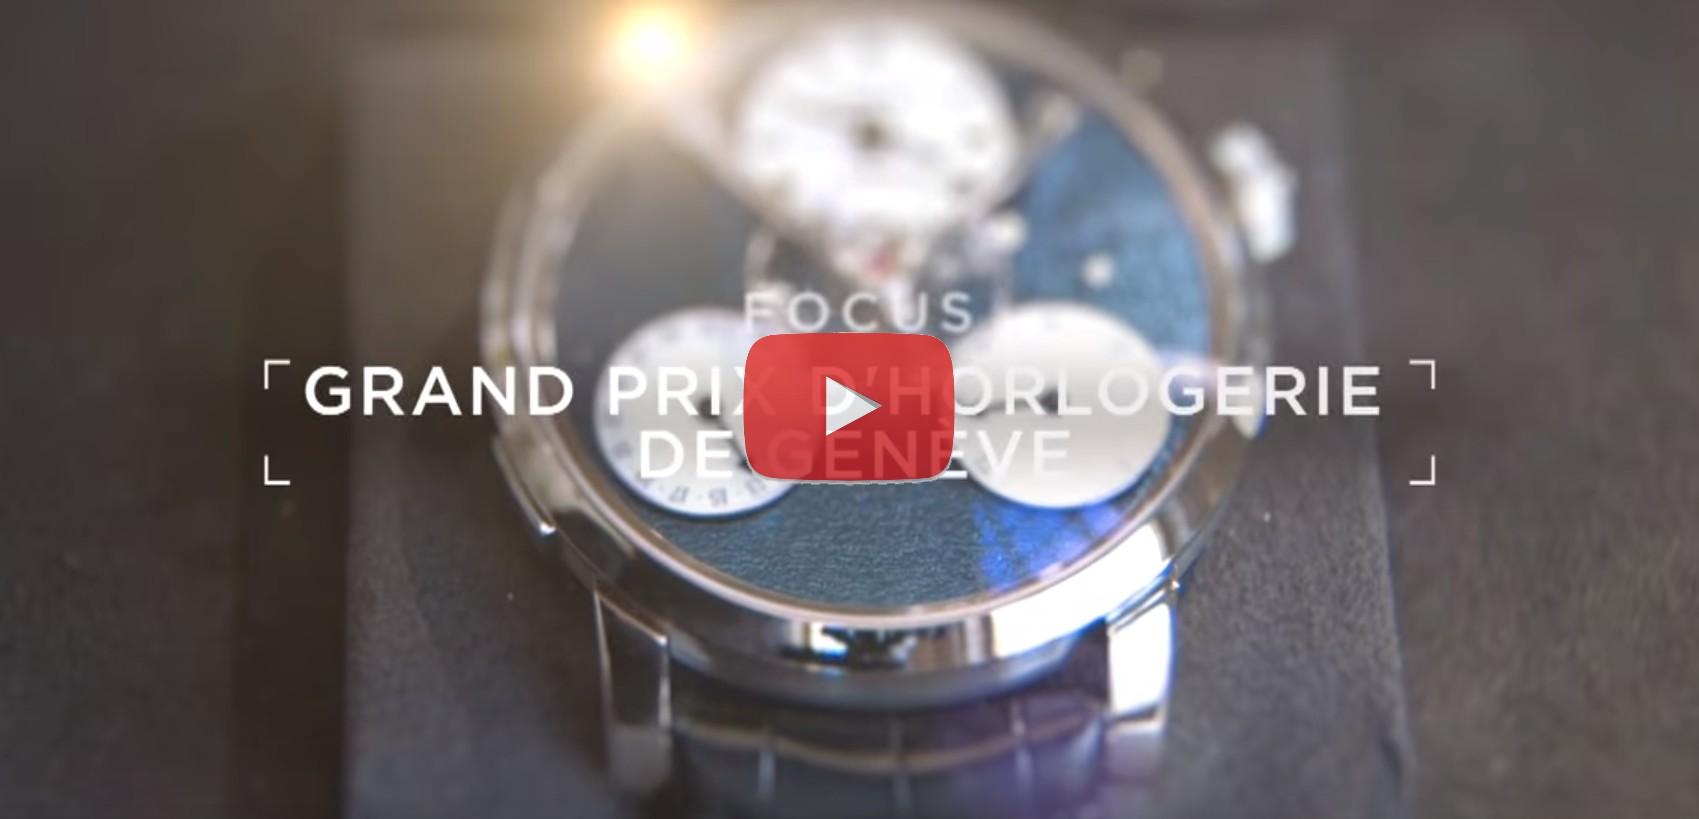 Un Oscar per l'orologeria video del Gran Premio di Ginevra